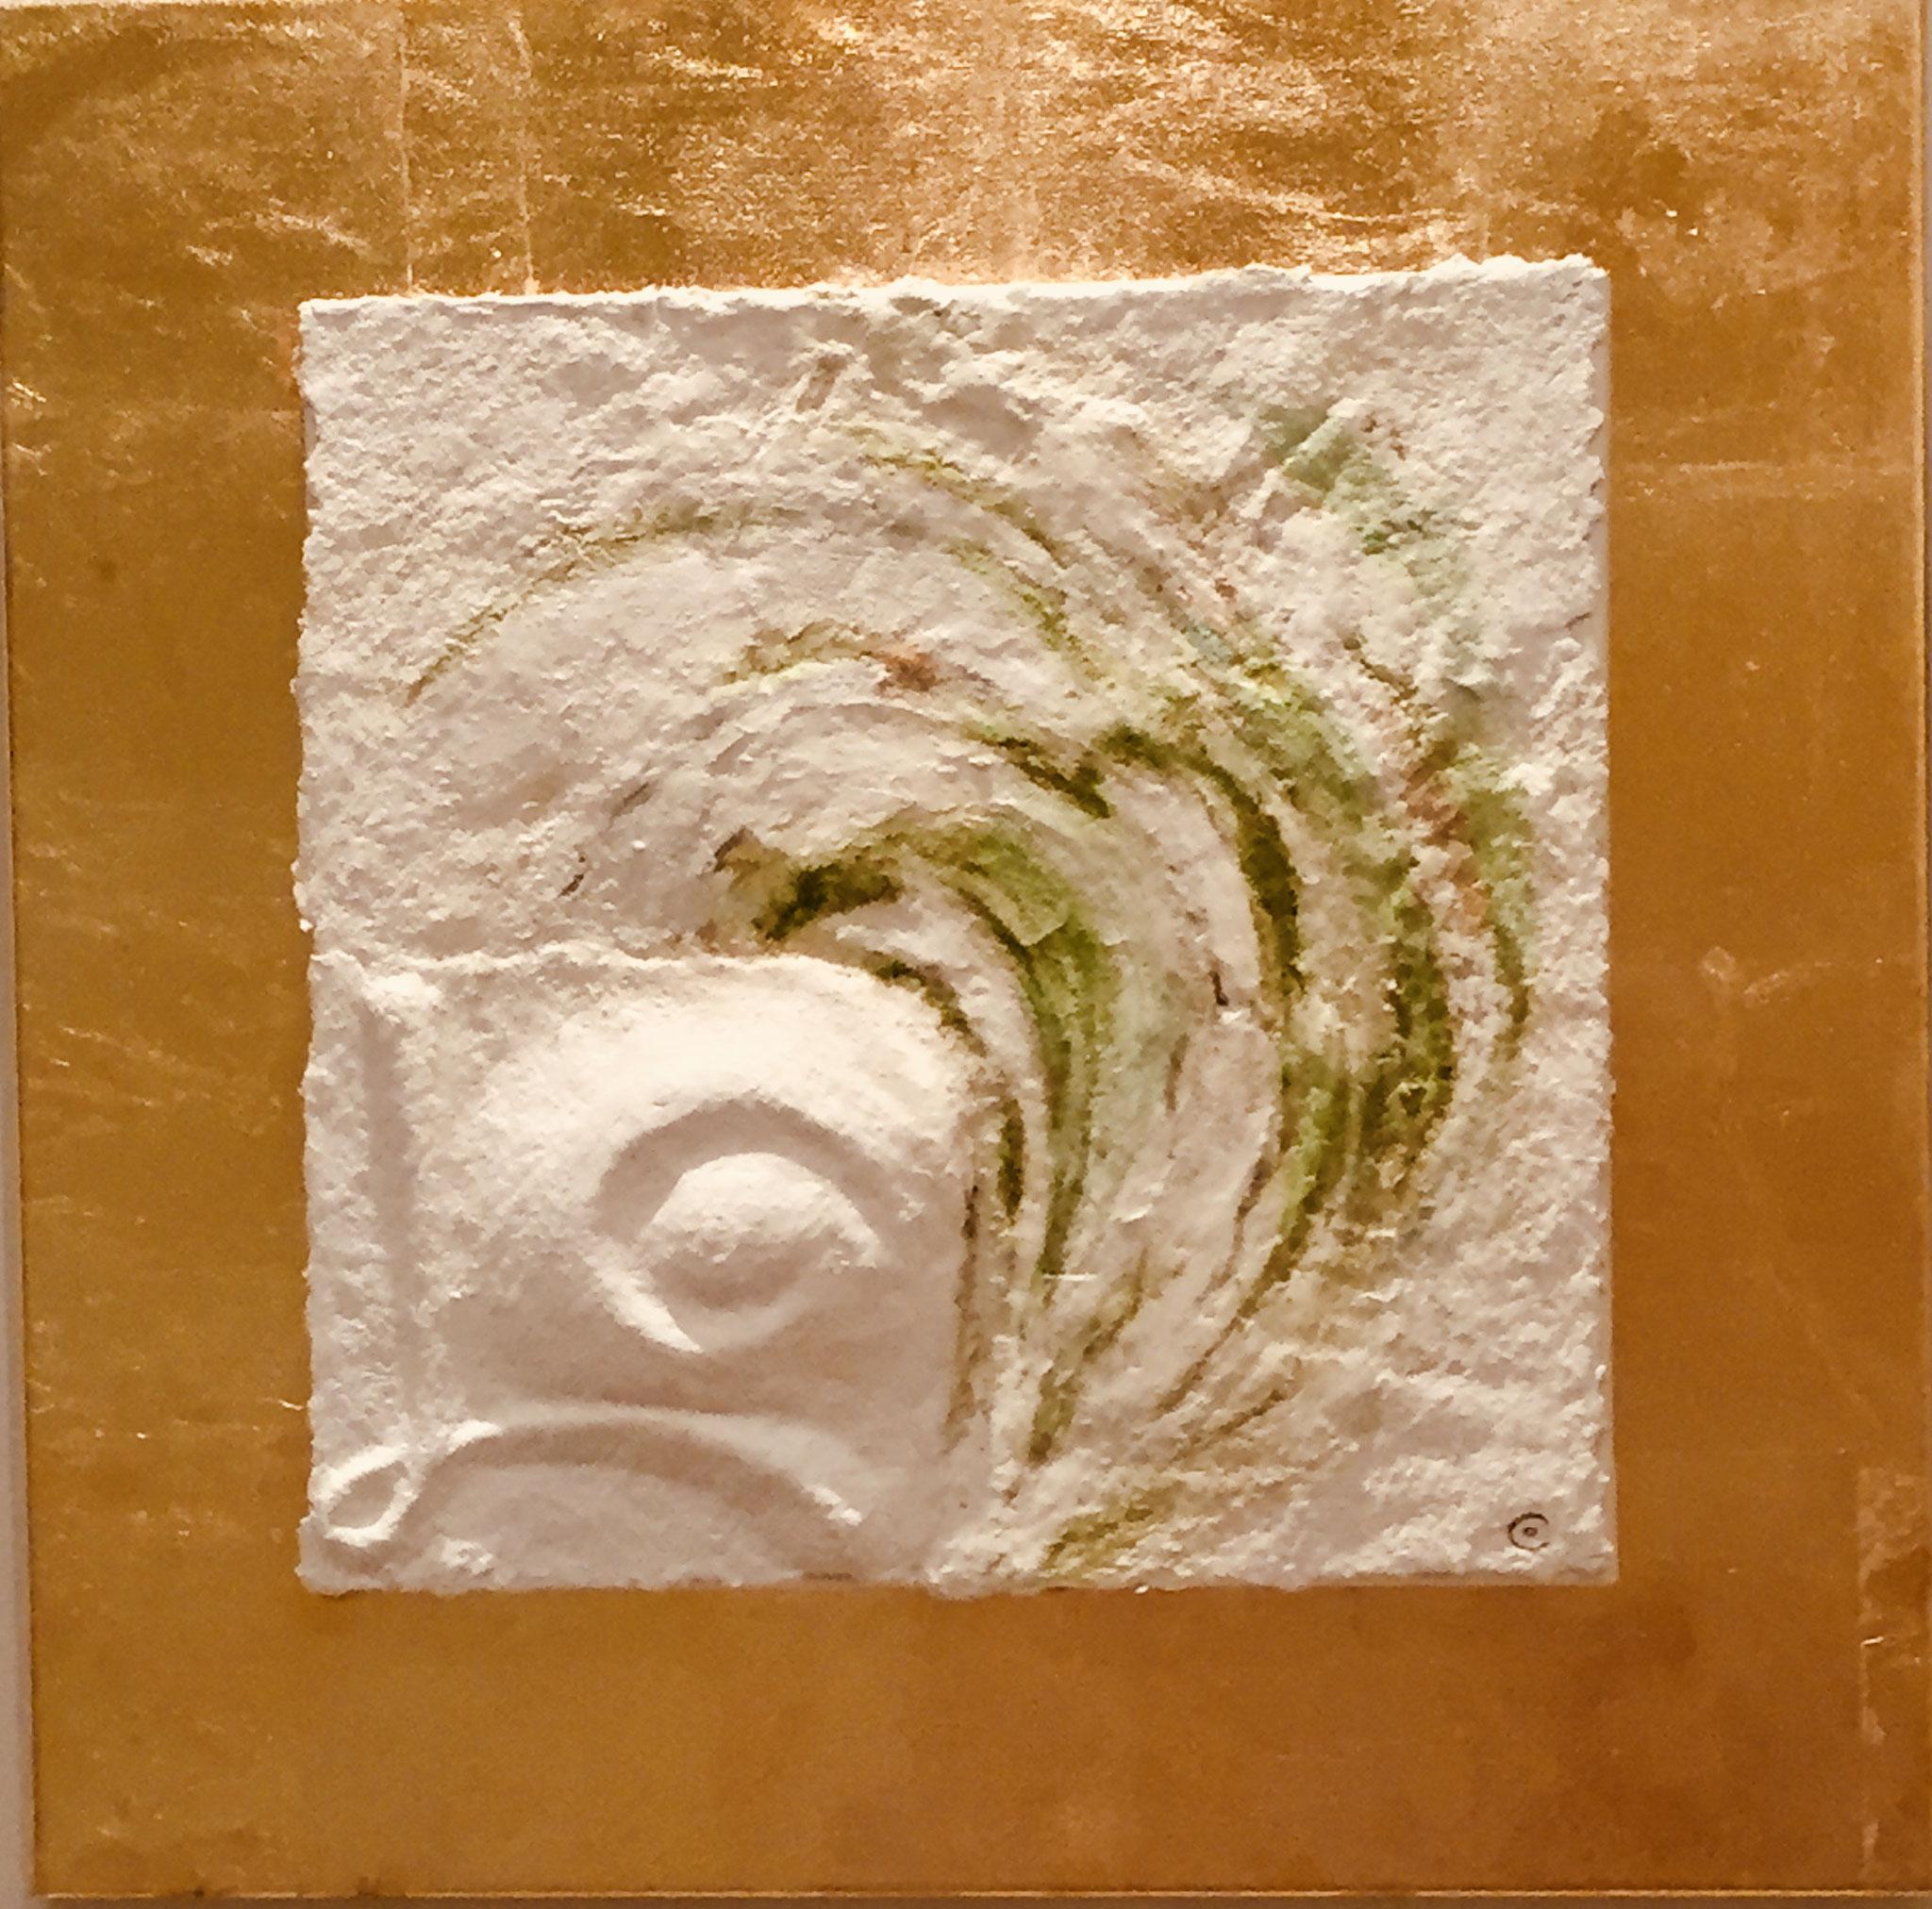 Sternzeichen Stier, handgeschöpftes, geprägtes und energetisiertes Papier auf Blattmetall - Coloriert